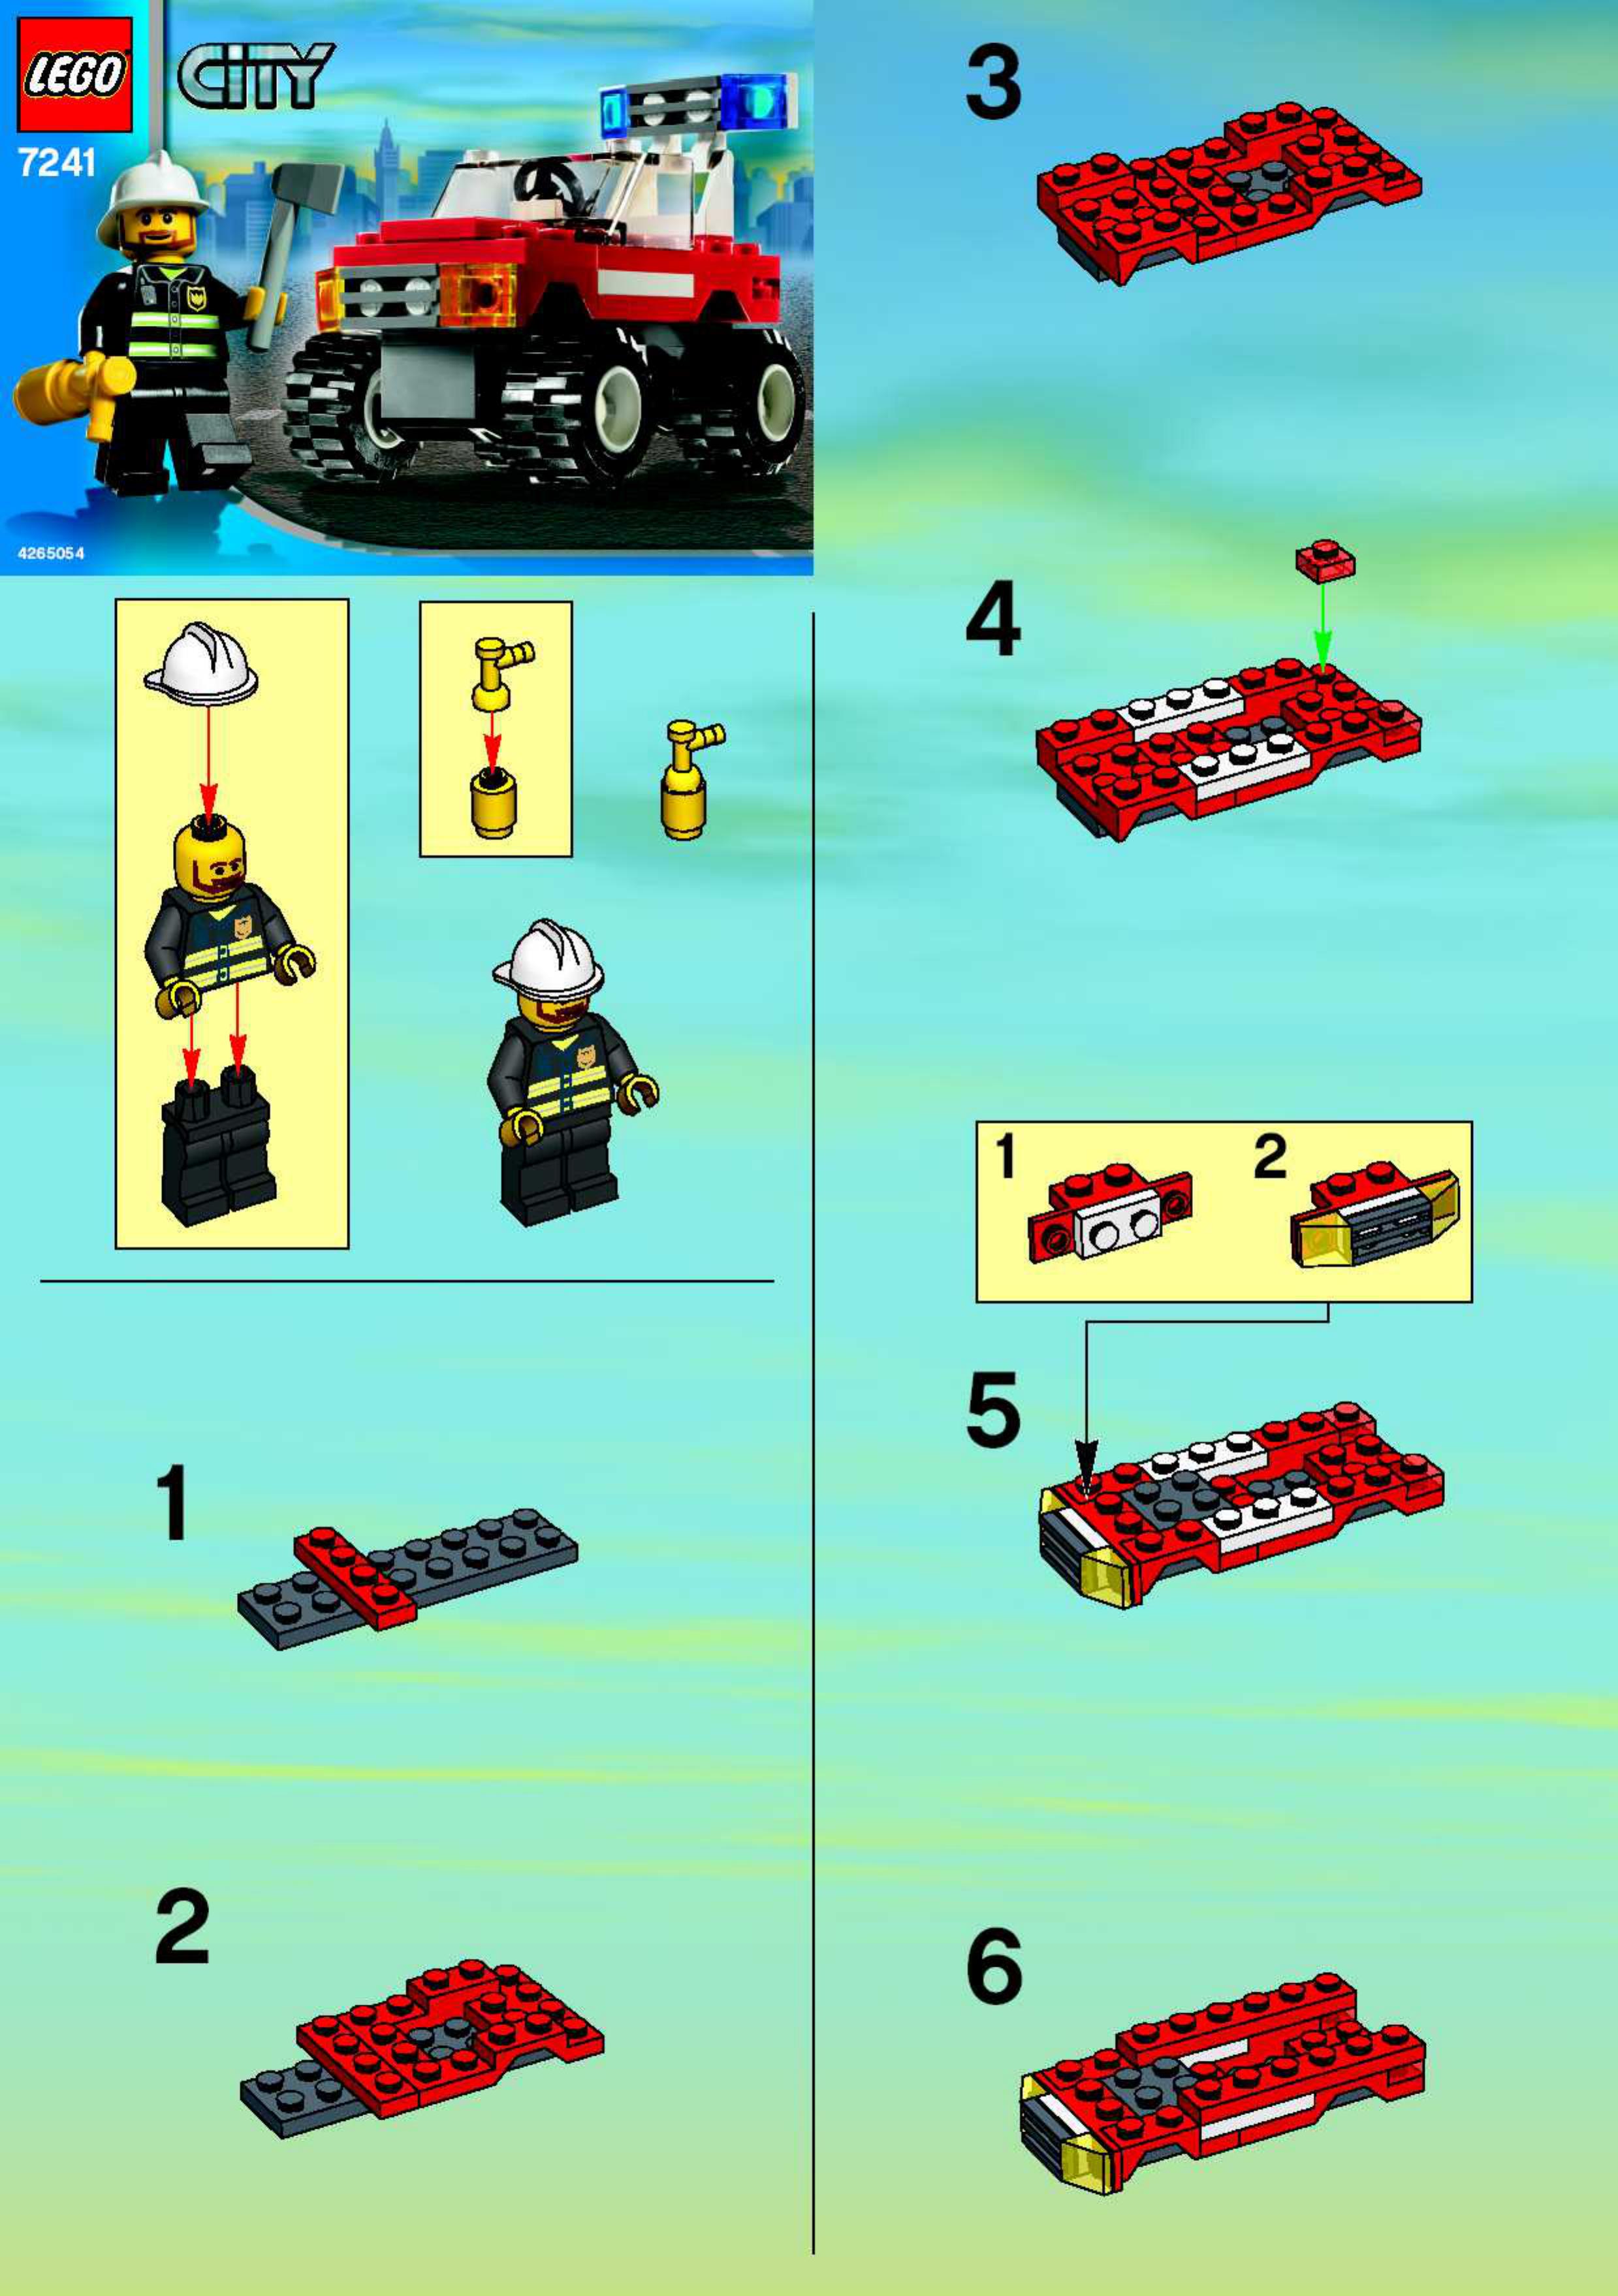 plan de montage lego city gratuit. Black Bedroom Furniture Sets. Home Design Ideas